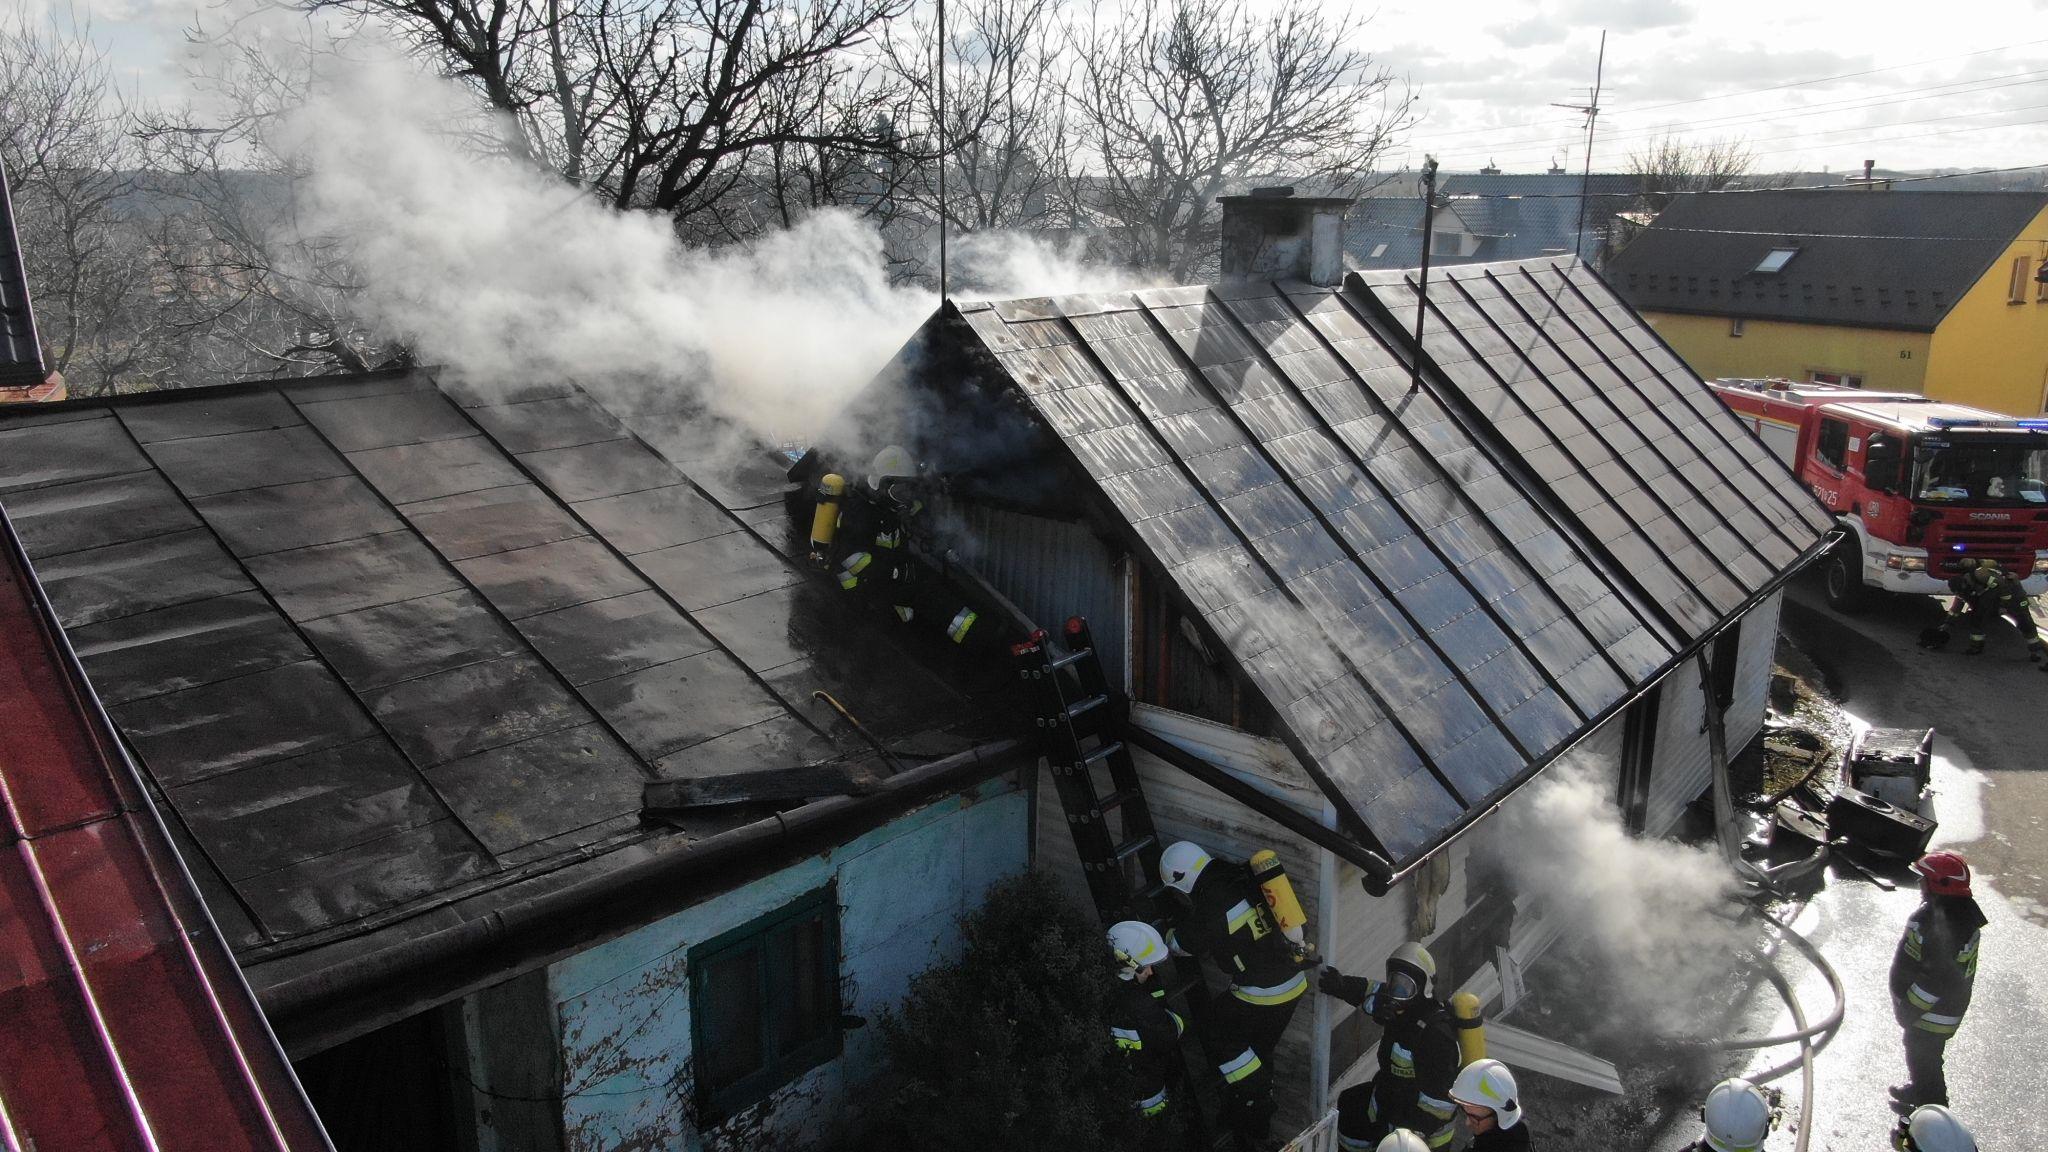 Z PODKARPACIA. Pożar w drewnianym domu. Zginął człowiek [FOTO] - Zdjęcie główne